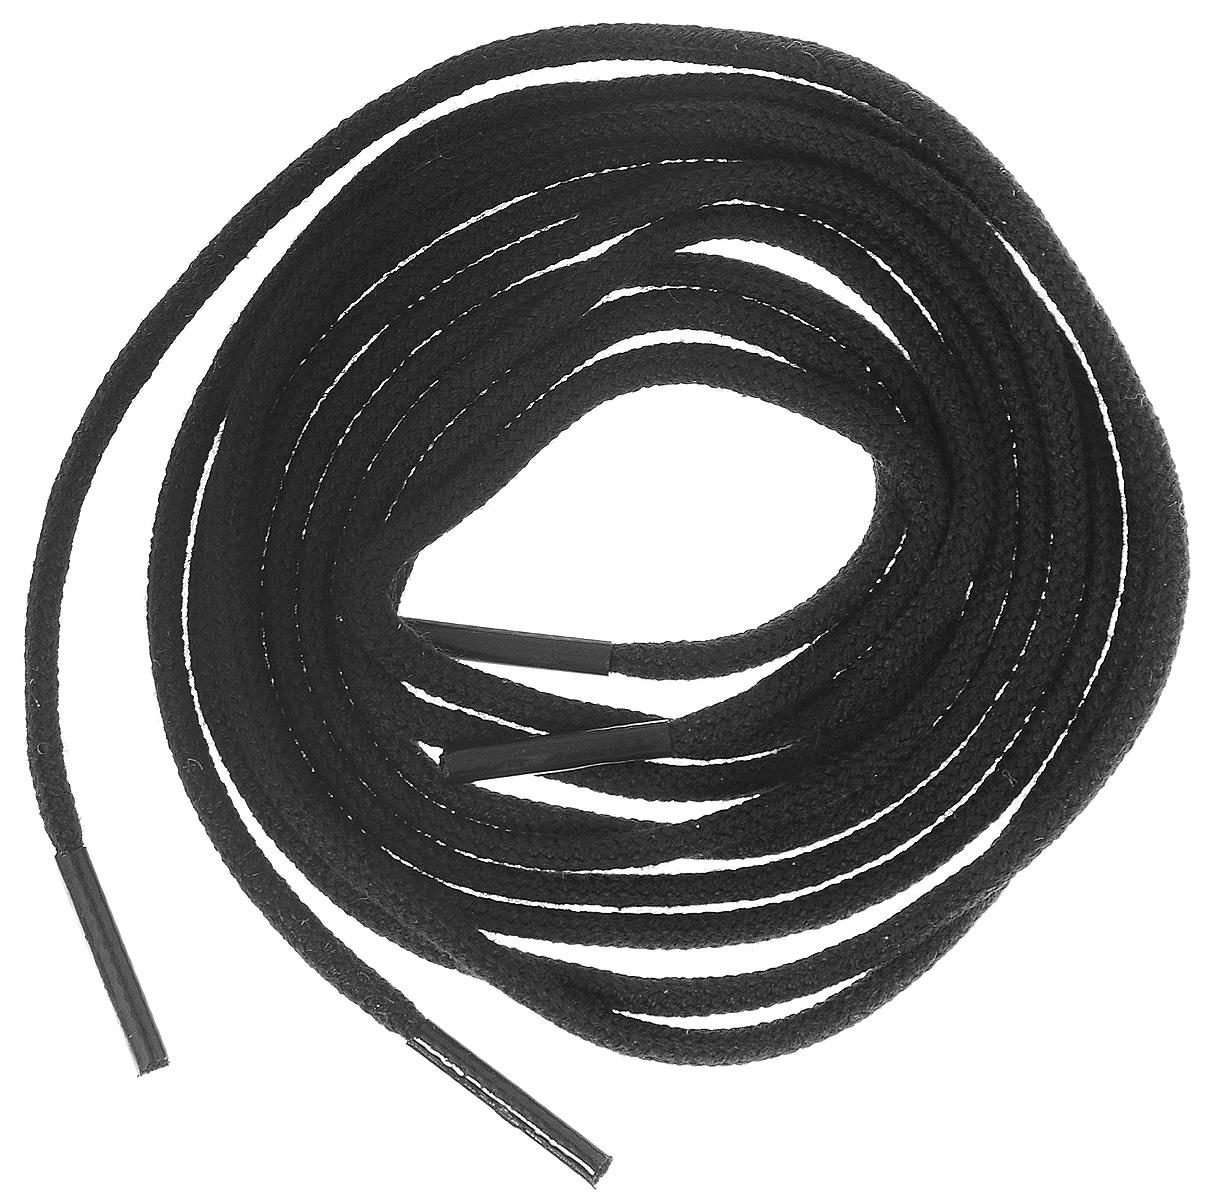 Шнурки тонкие Collonil Rund, цвет: черный, длина 75 см шнурки для обуви радуга active усиленные круглые с наполнителем цвет белый 110 см